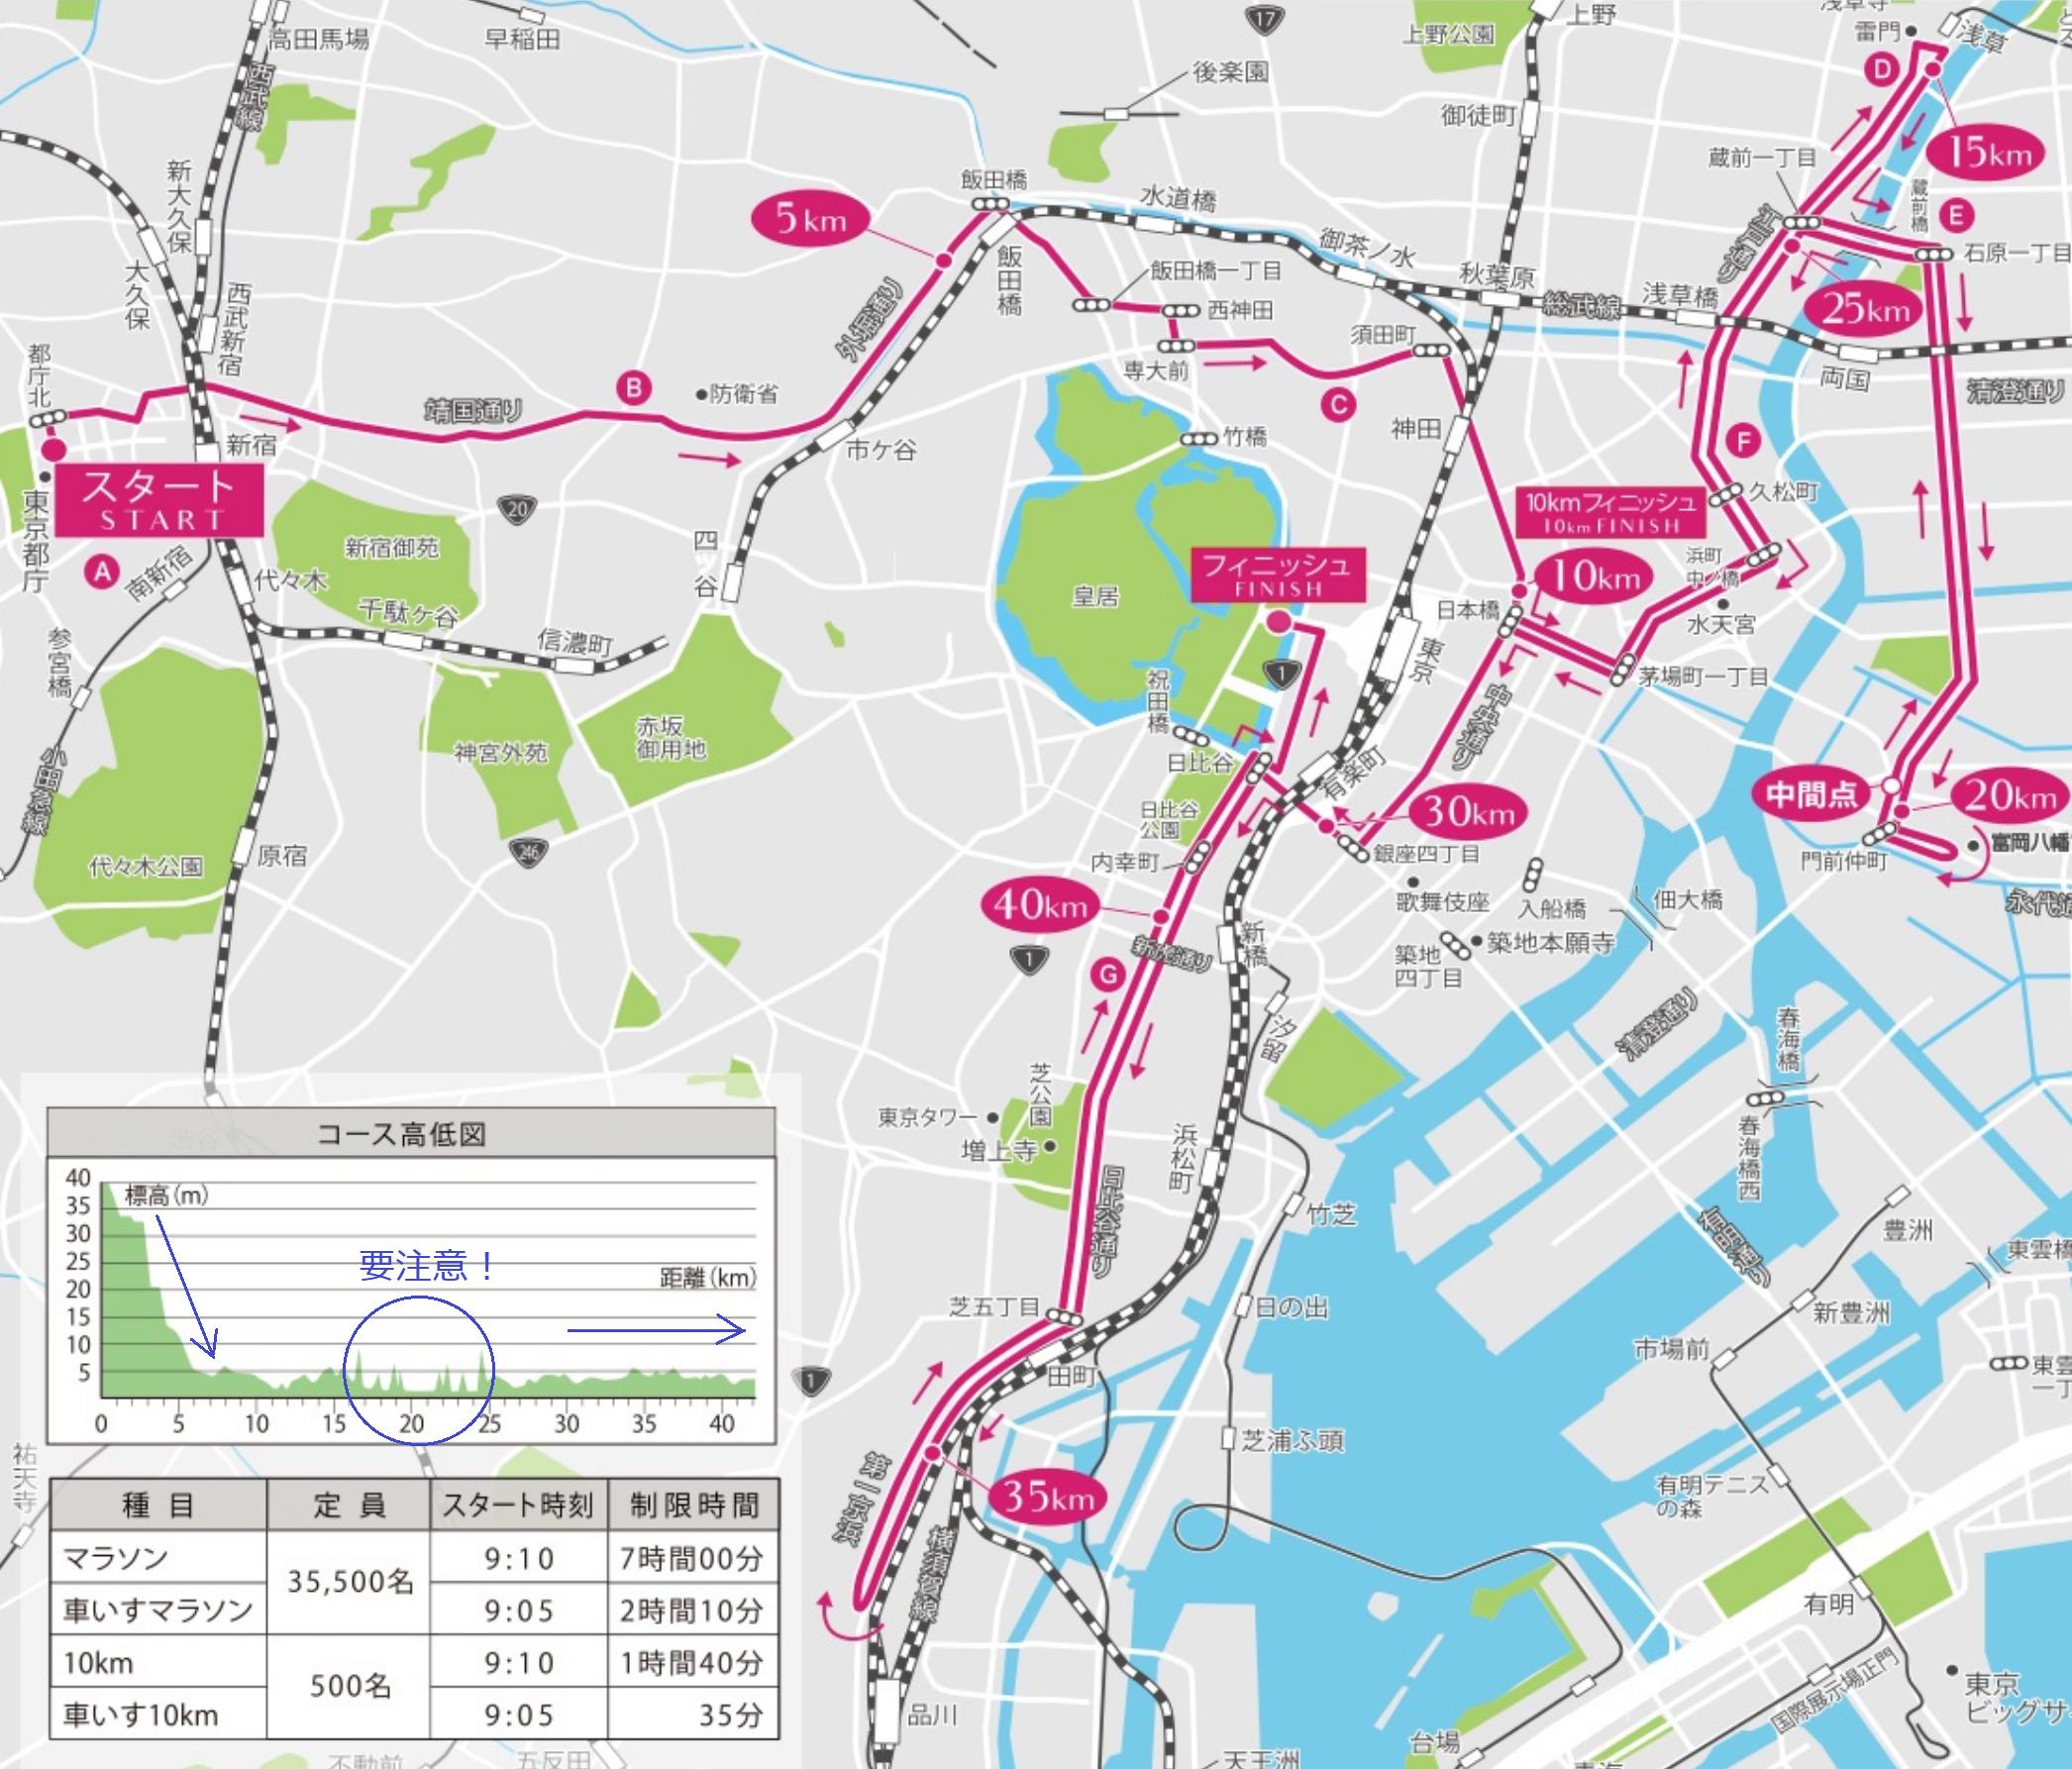 東京マラソン2021コースマップ&高低差